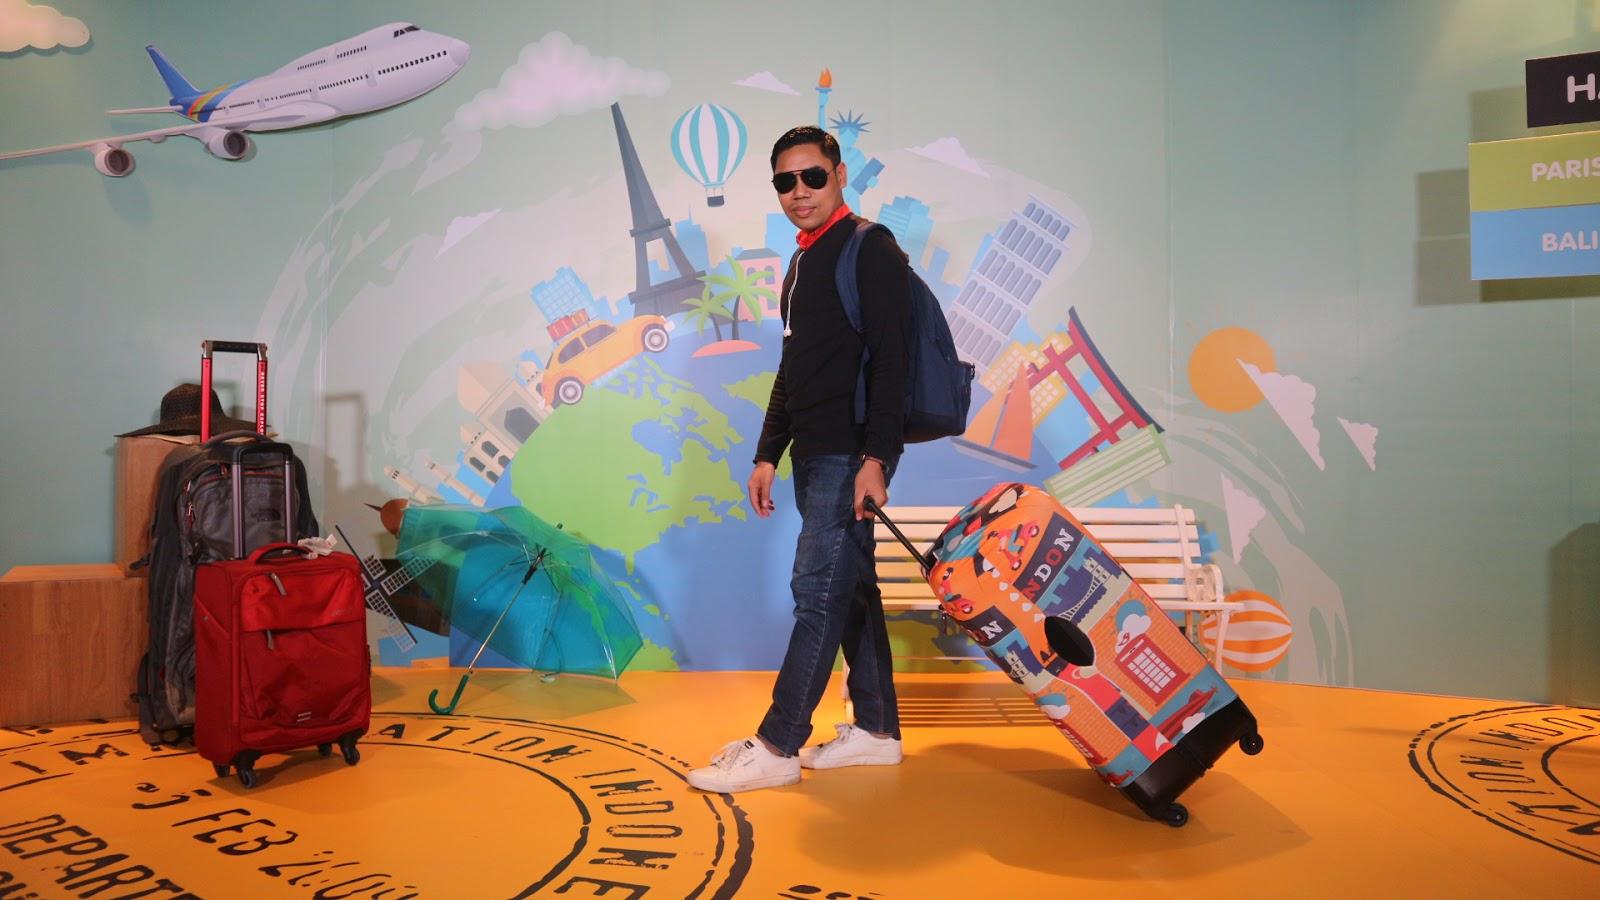 Indonesia Search Date 2018 10 28 Krezi Kamis 25 Baju Koko Al Achwan Original Banyak Model Sedia Payung Sebelum Hujan Itu Adalah Petuah Penting Yang Kerap Kita Dengar Saat Hendak Bepergian Supaya Tidak Kepanasan Terik Atau Kebasahan